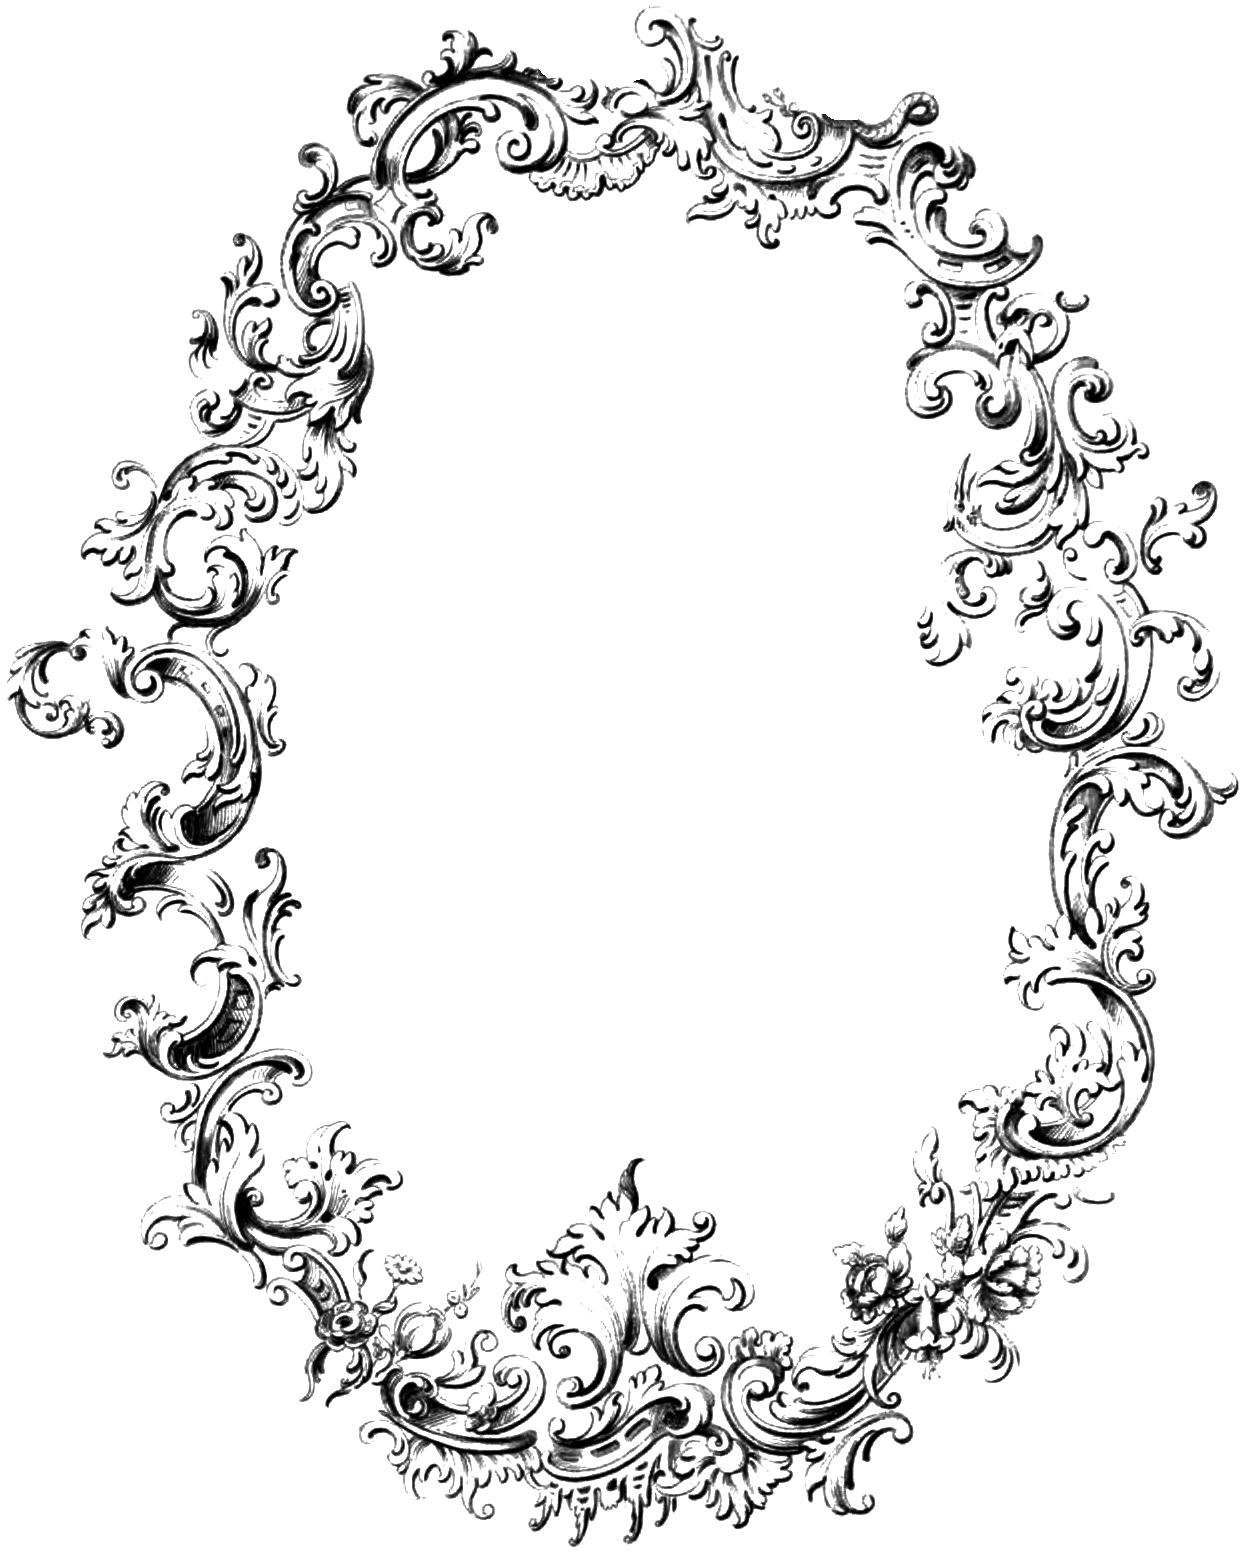 vgosn_vintage_fancy_frame_clip_art_image - Vintage Oval Frame PNG